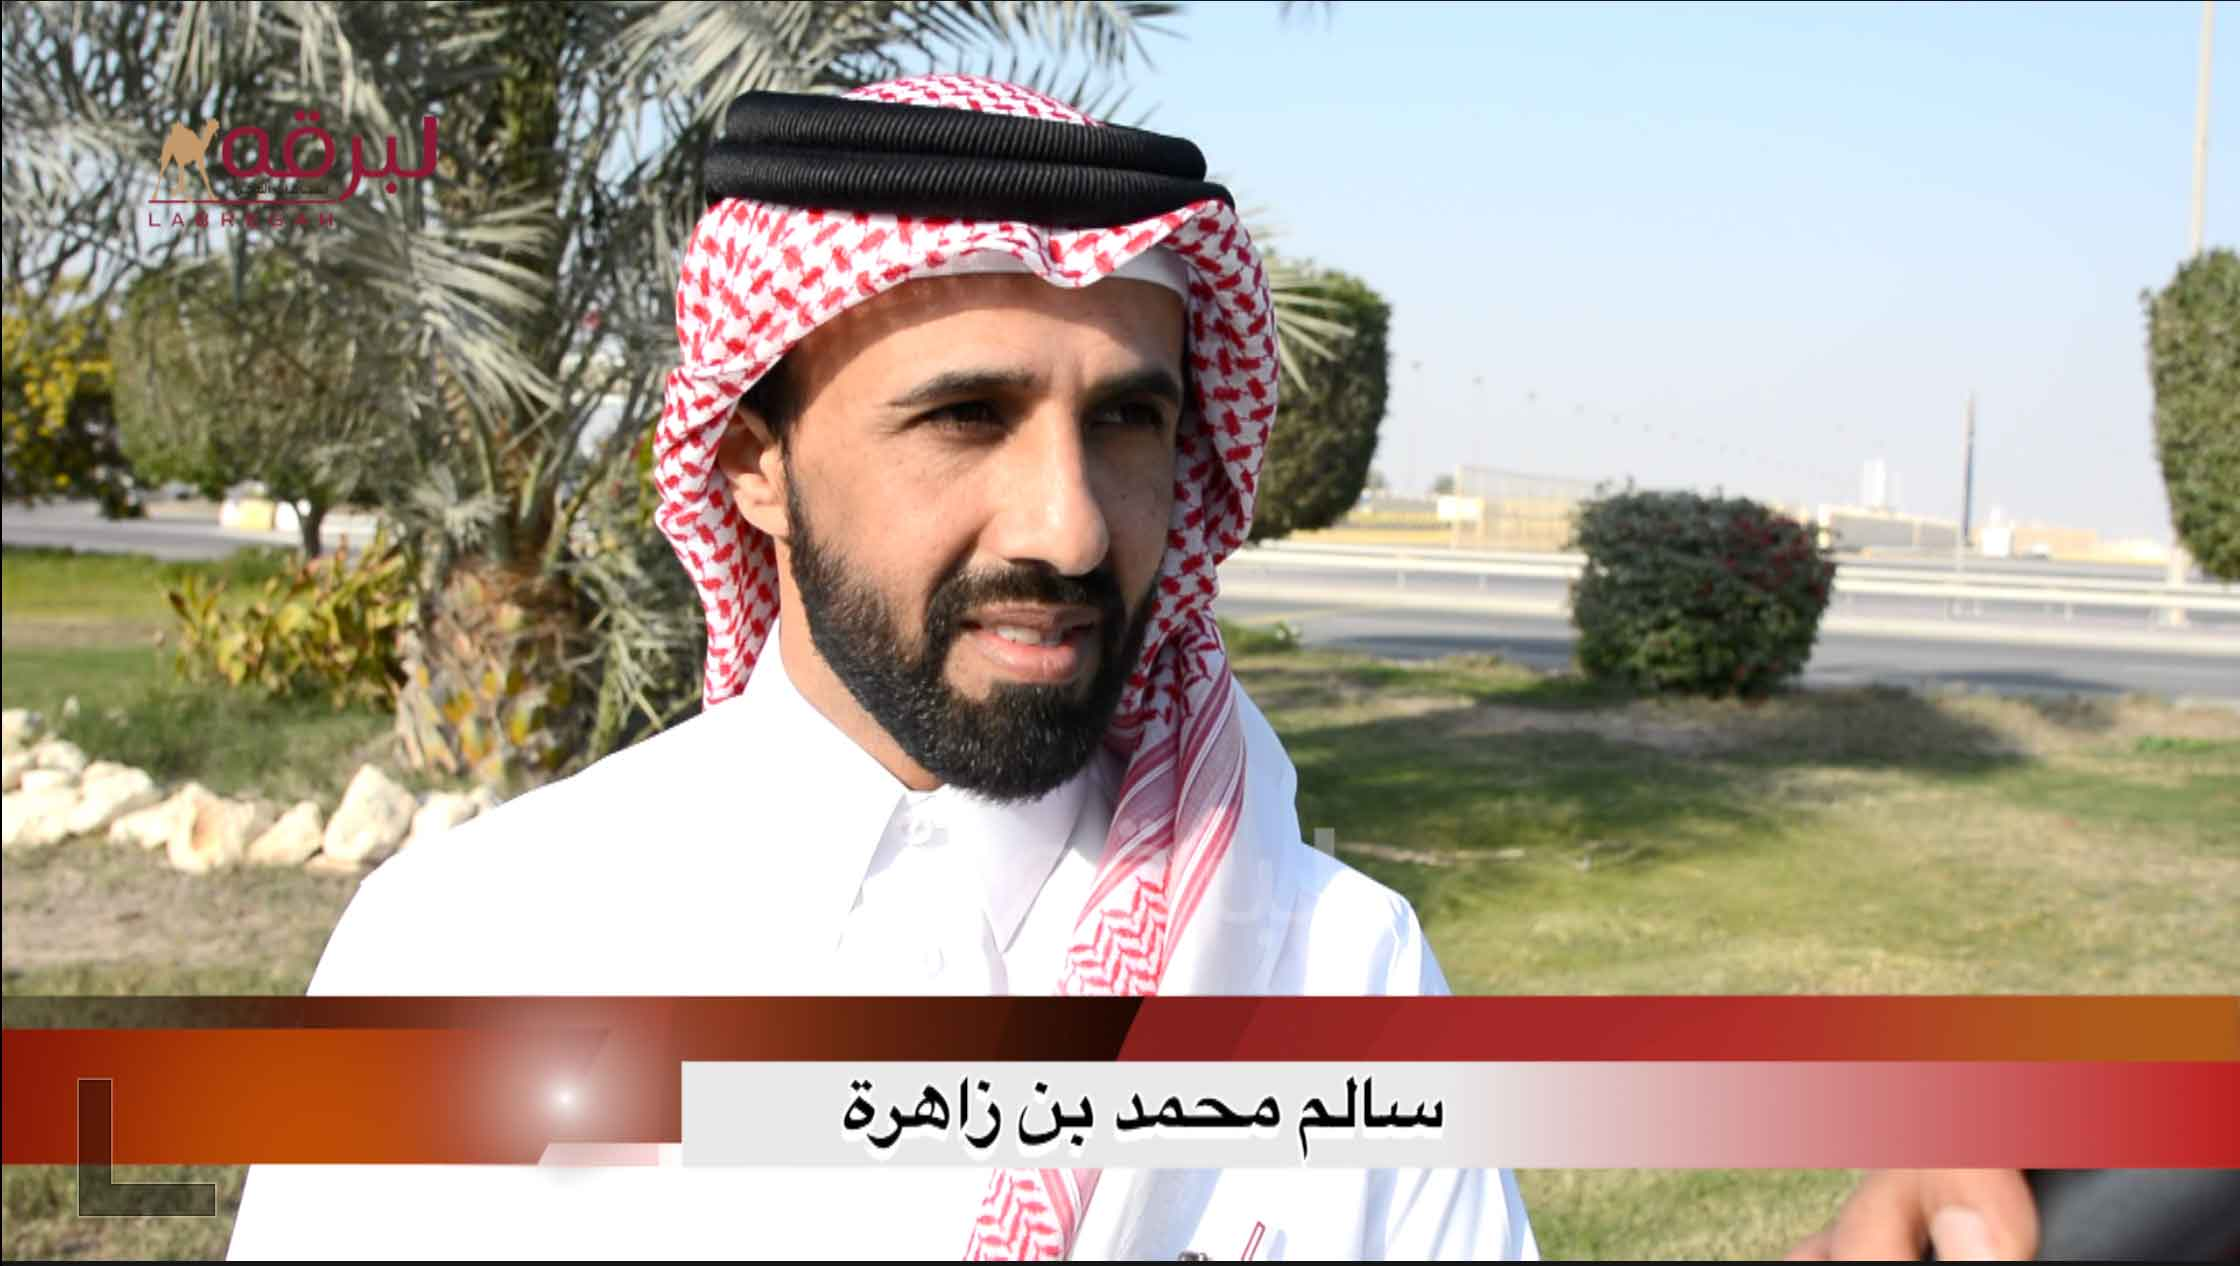 لقاء مع سالم محمد بن زاهرة.. الخنجر الذهبي لقايا قعدان « إنتاج » الأشواط المفتوحة  ١٨-١-٢٠٢١